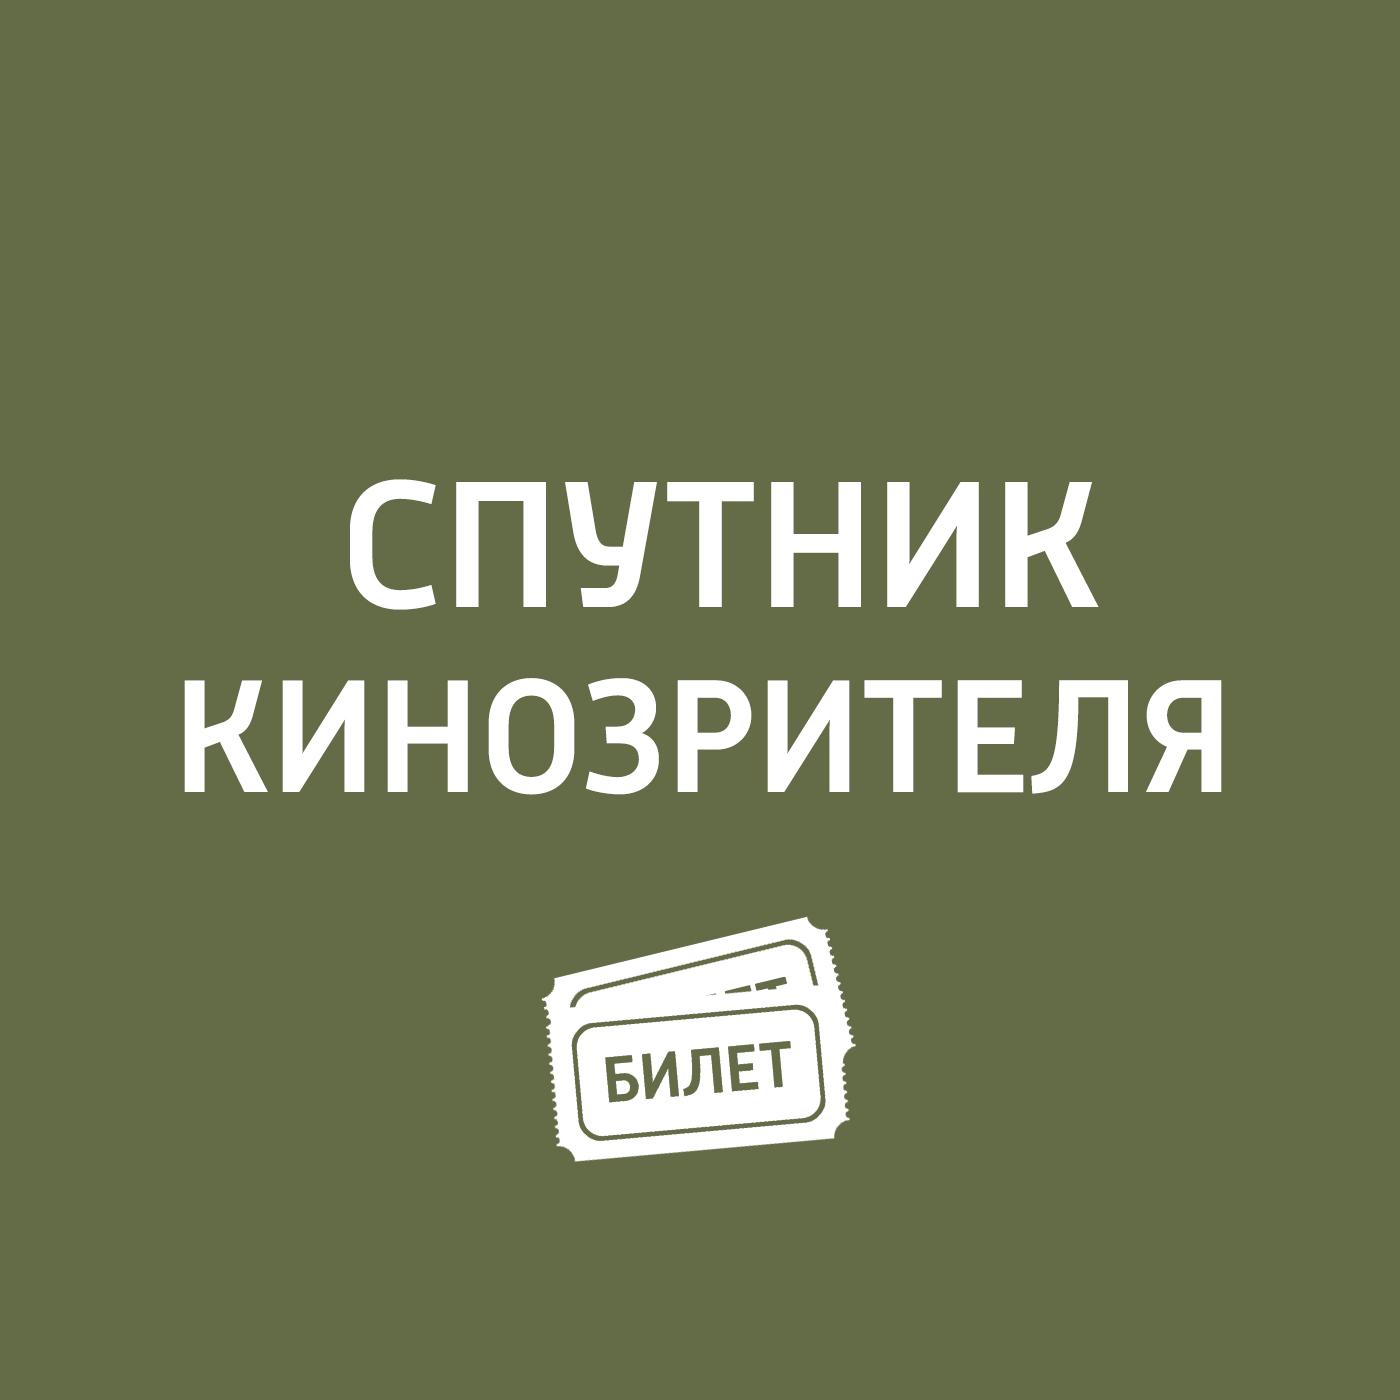 Антон Долин Премьеры с 22 декабря антон долин премьеры с 22 декабря